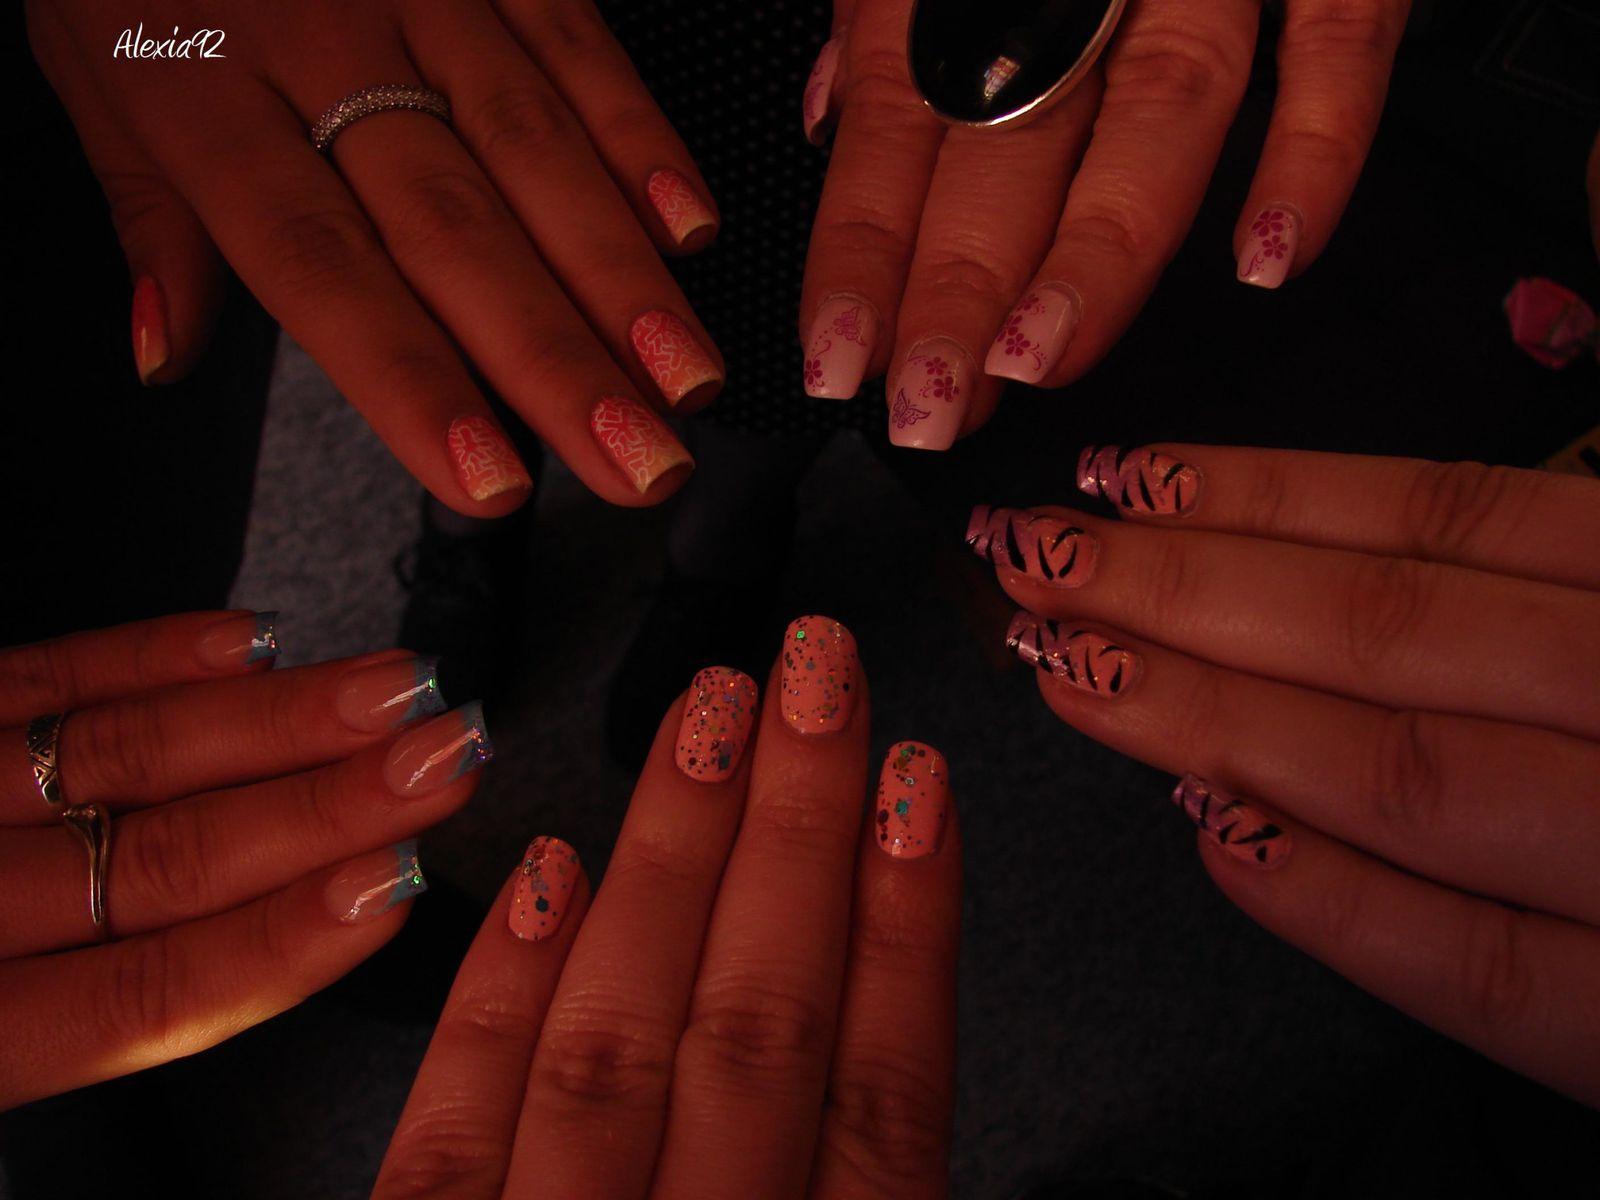 Résultat de la journée de nail art... avant départ au Japonais